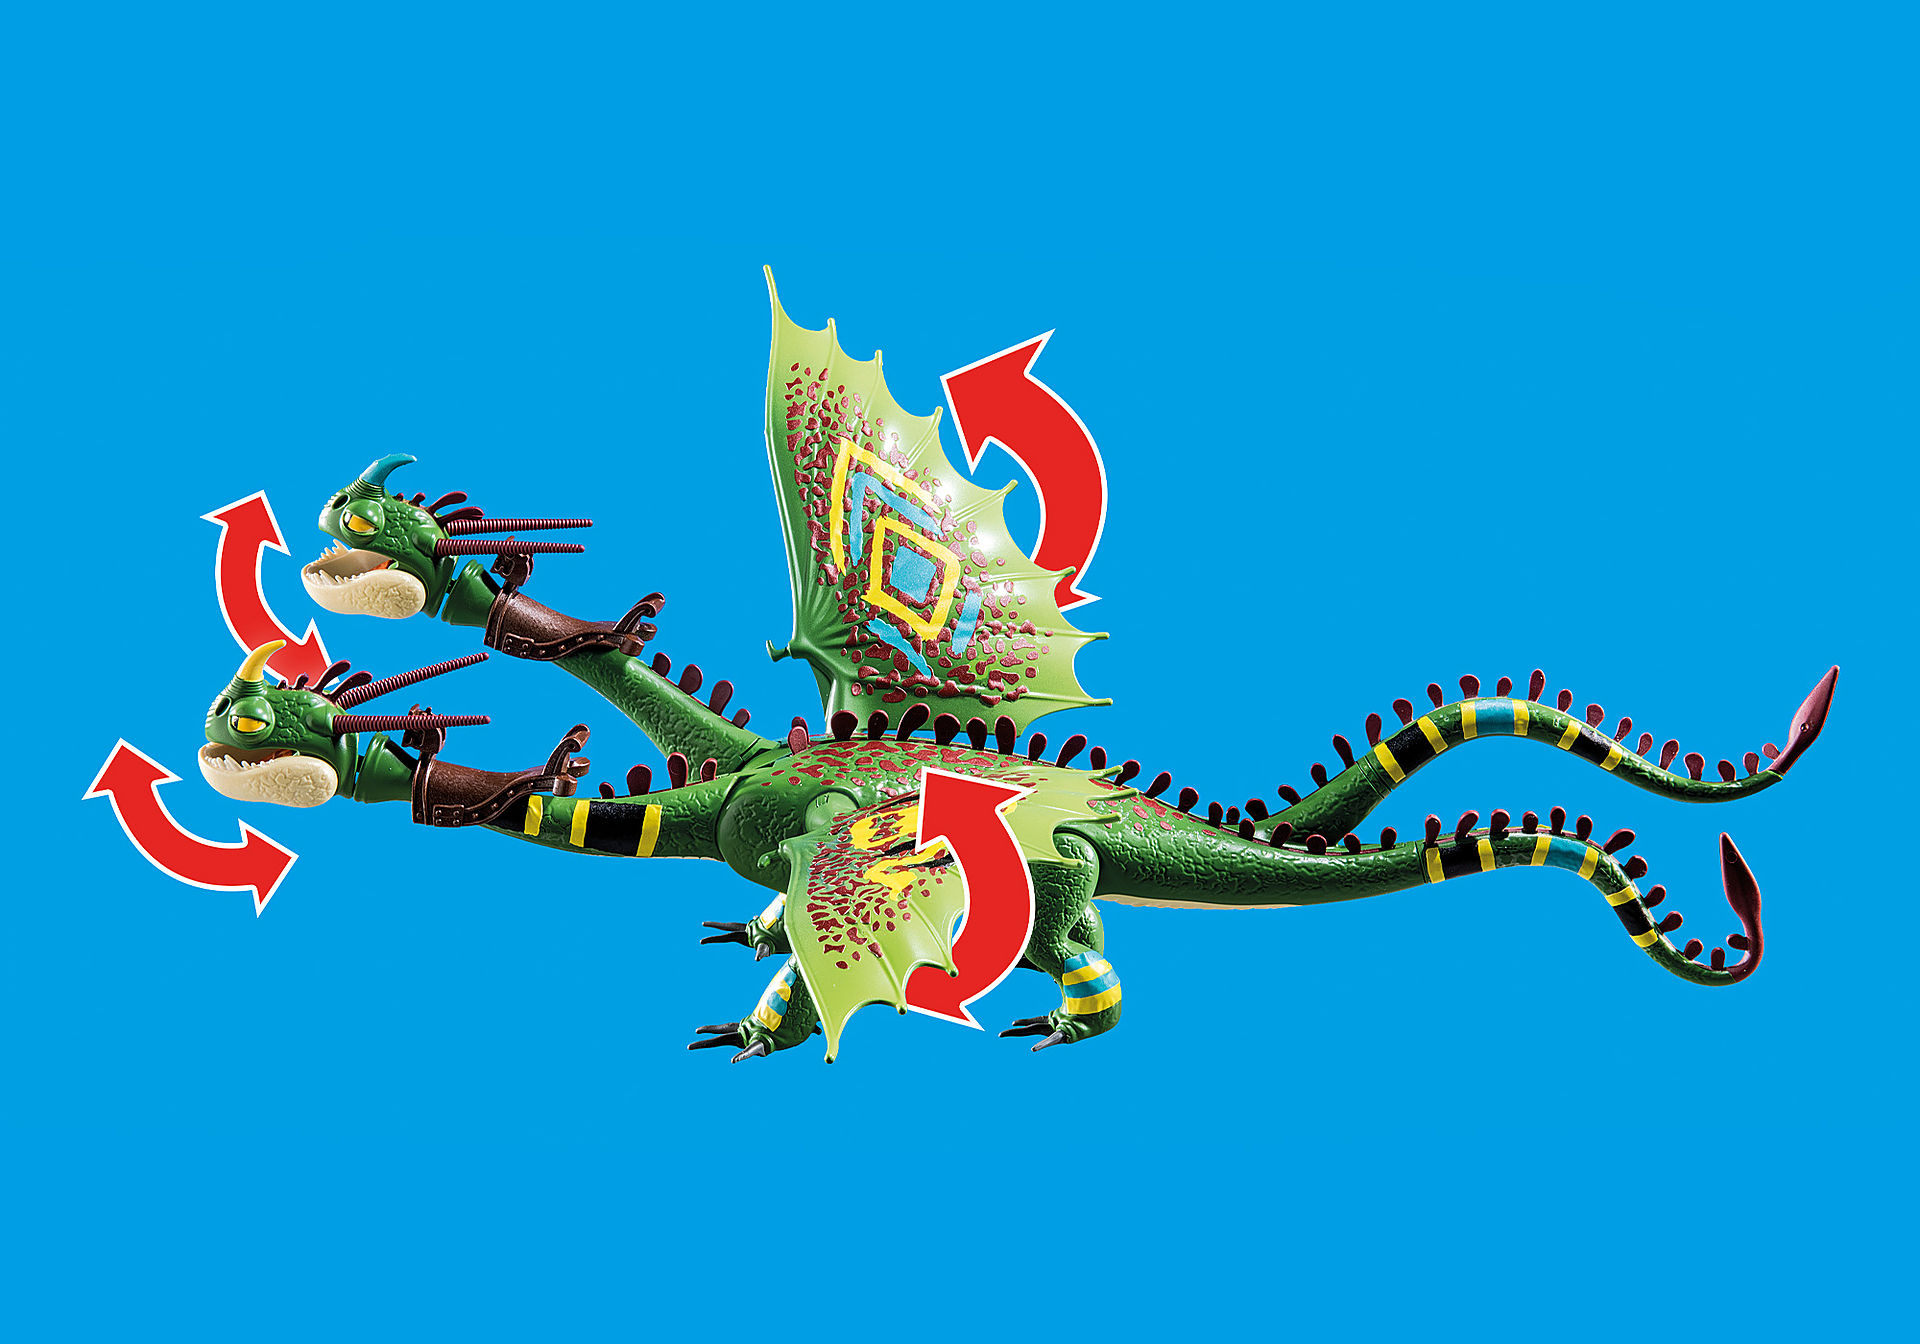 70730 Dragon Racing: Dragón 2 Cabezas con Chusco y Brusca zoom image4